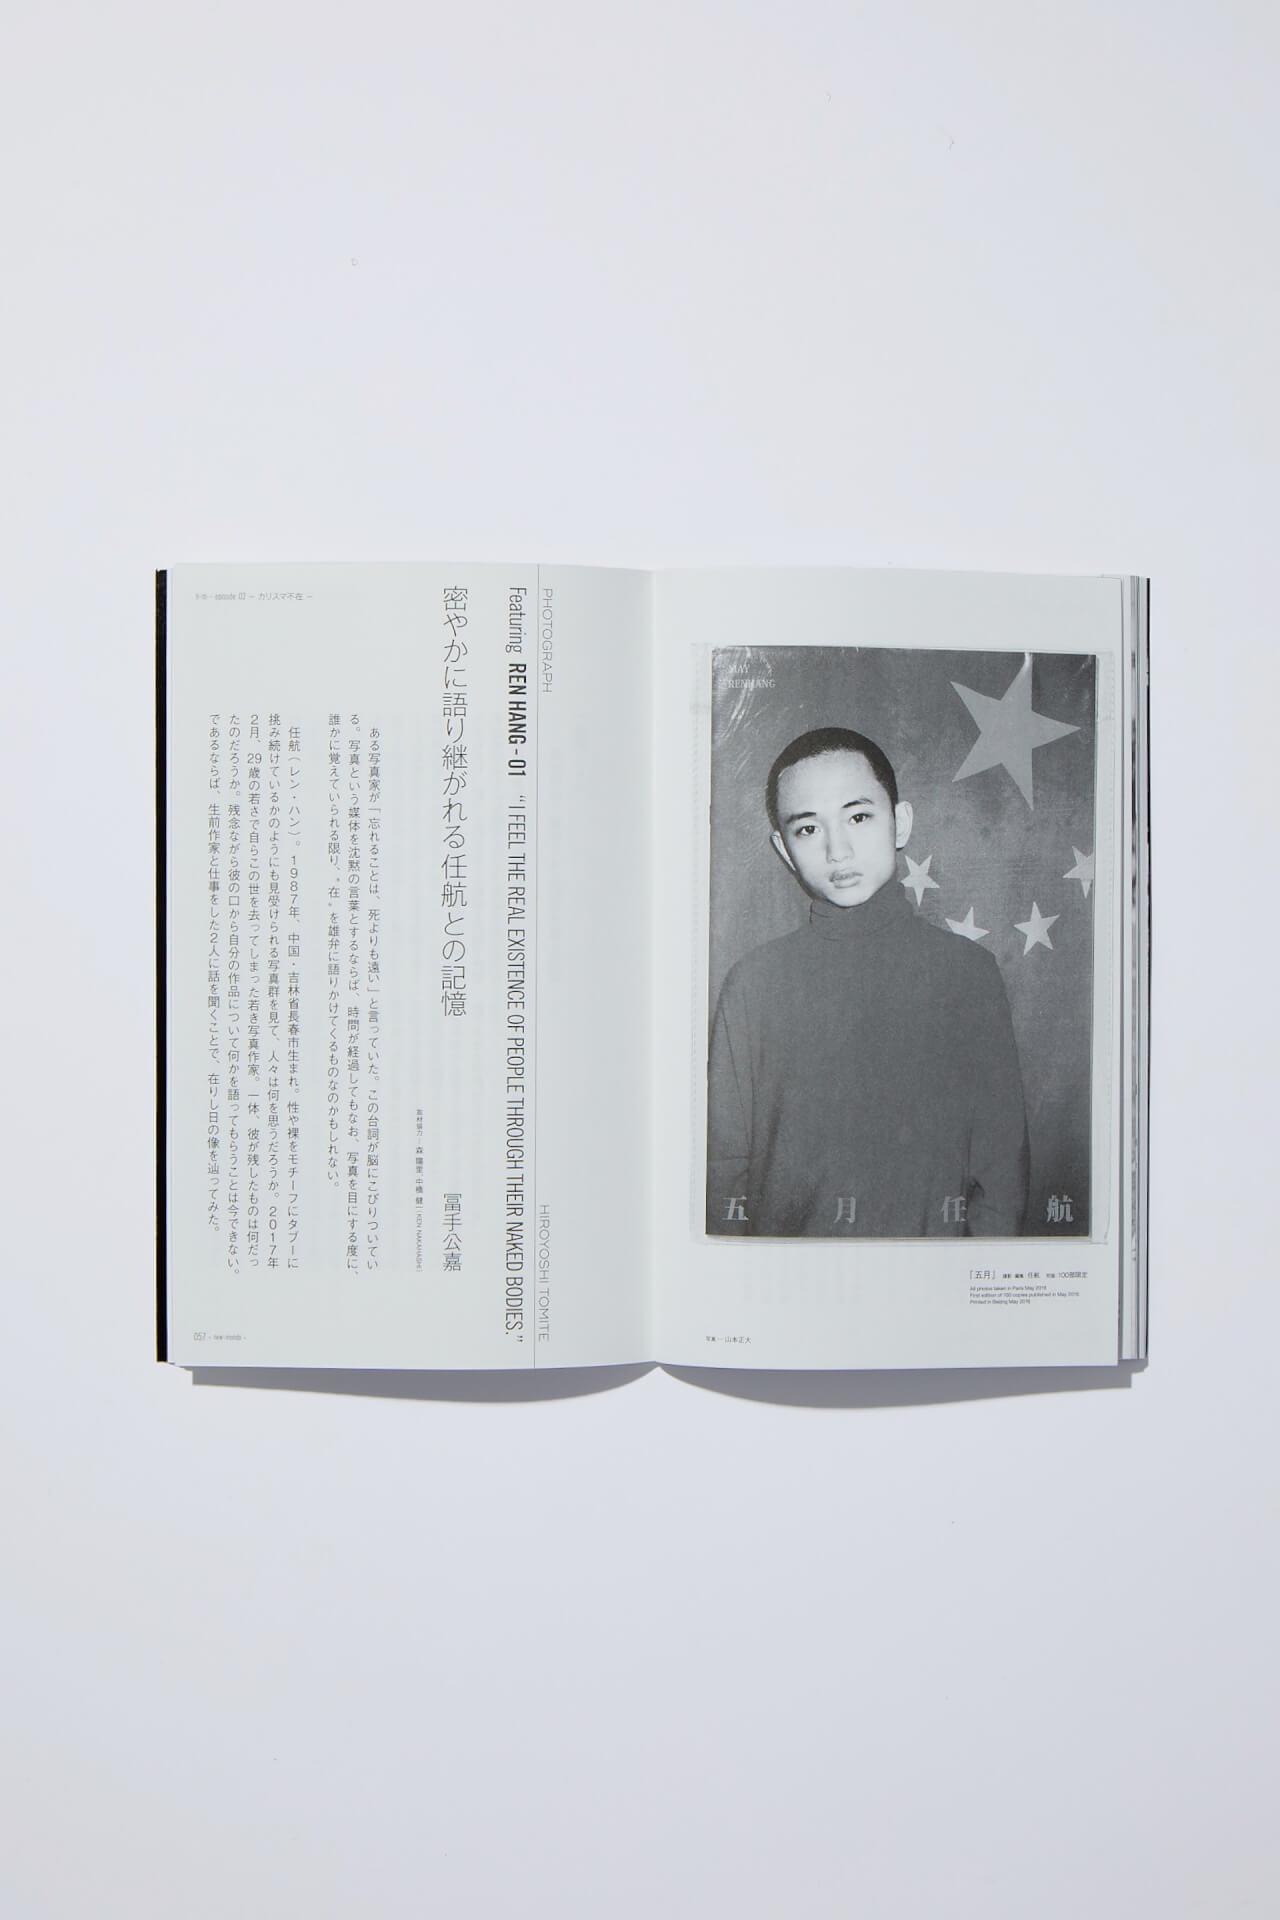 新生活はロックダウンから!?コロナ禍にベルリンで生きる若者たち column210507_kana-miyazawa-06